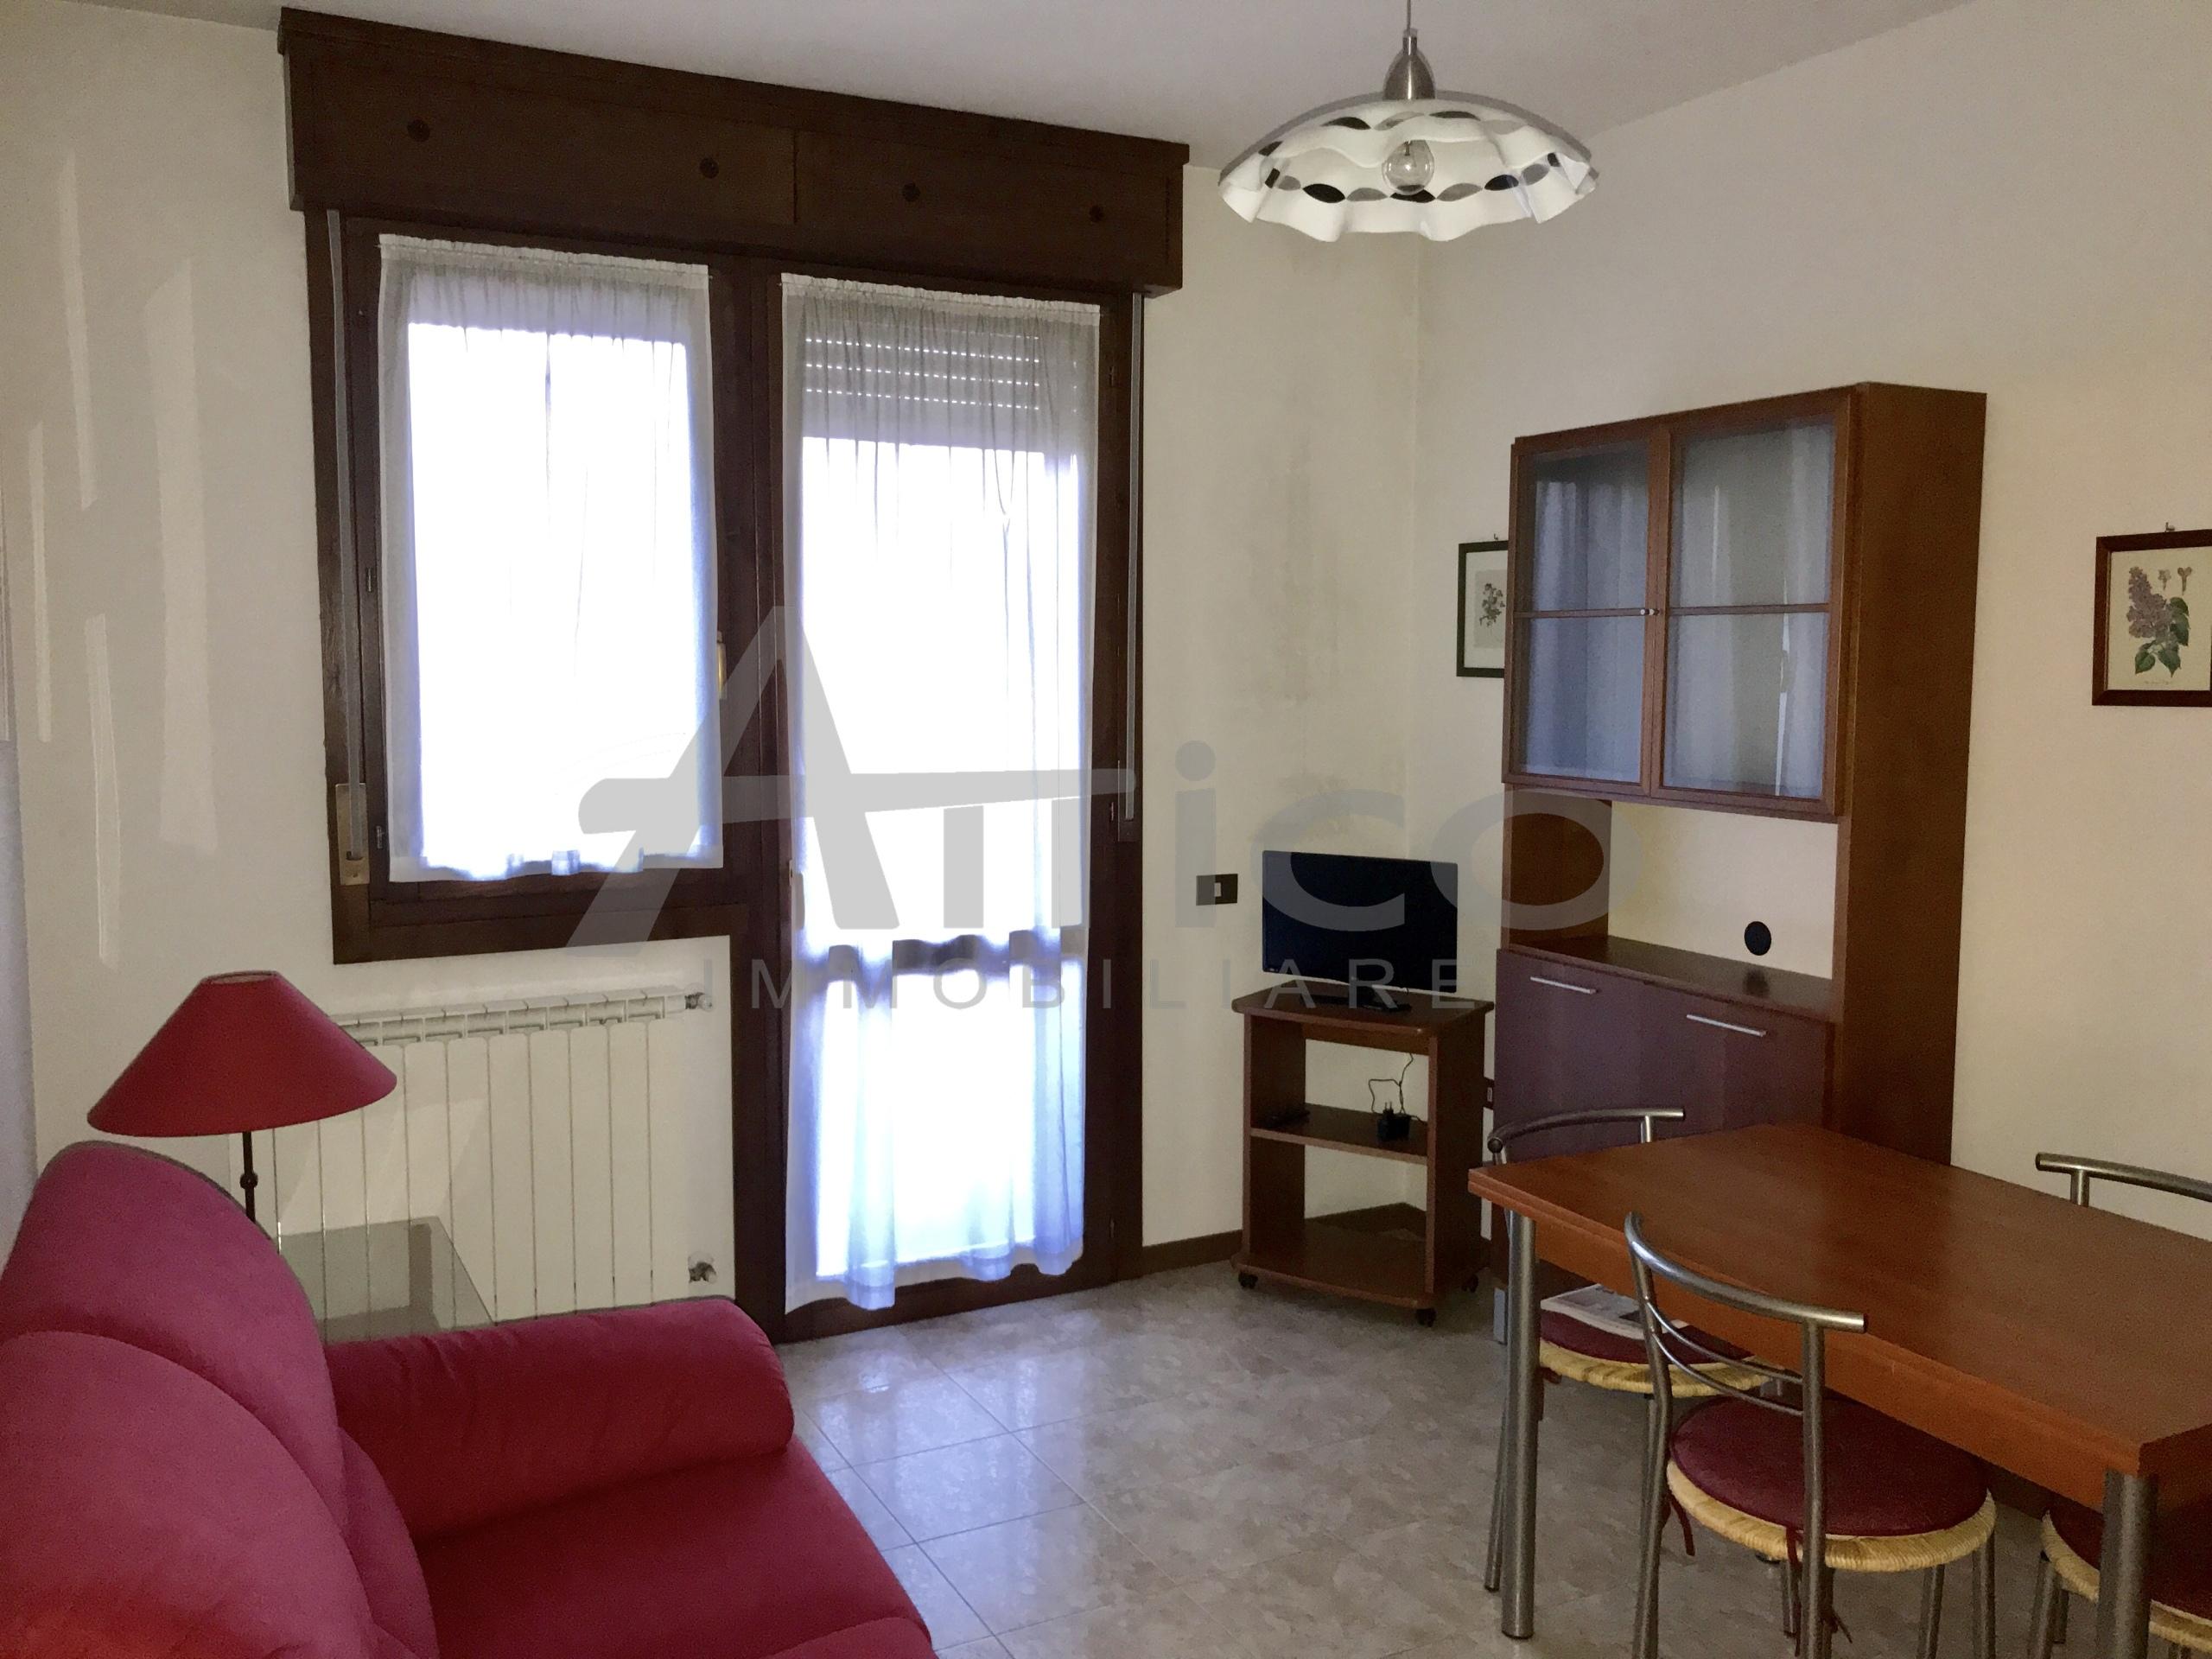 Armadio A Muro Rovigo.Codice A1392 Appartamento Bilocale Vendita A Rovigo Tassina